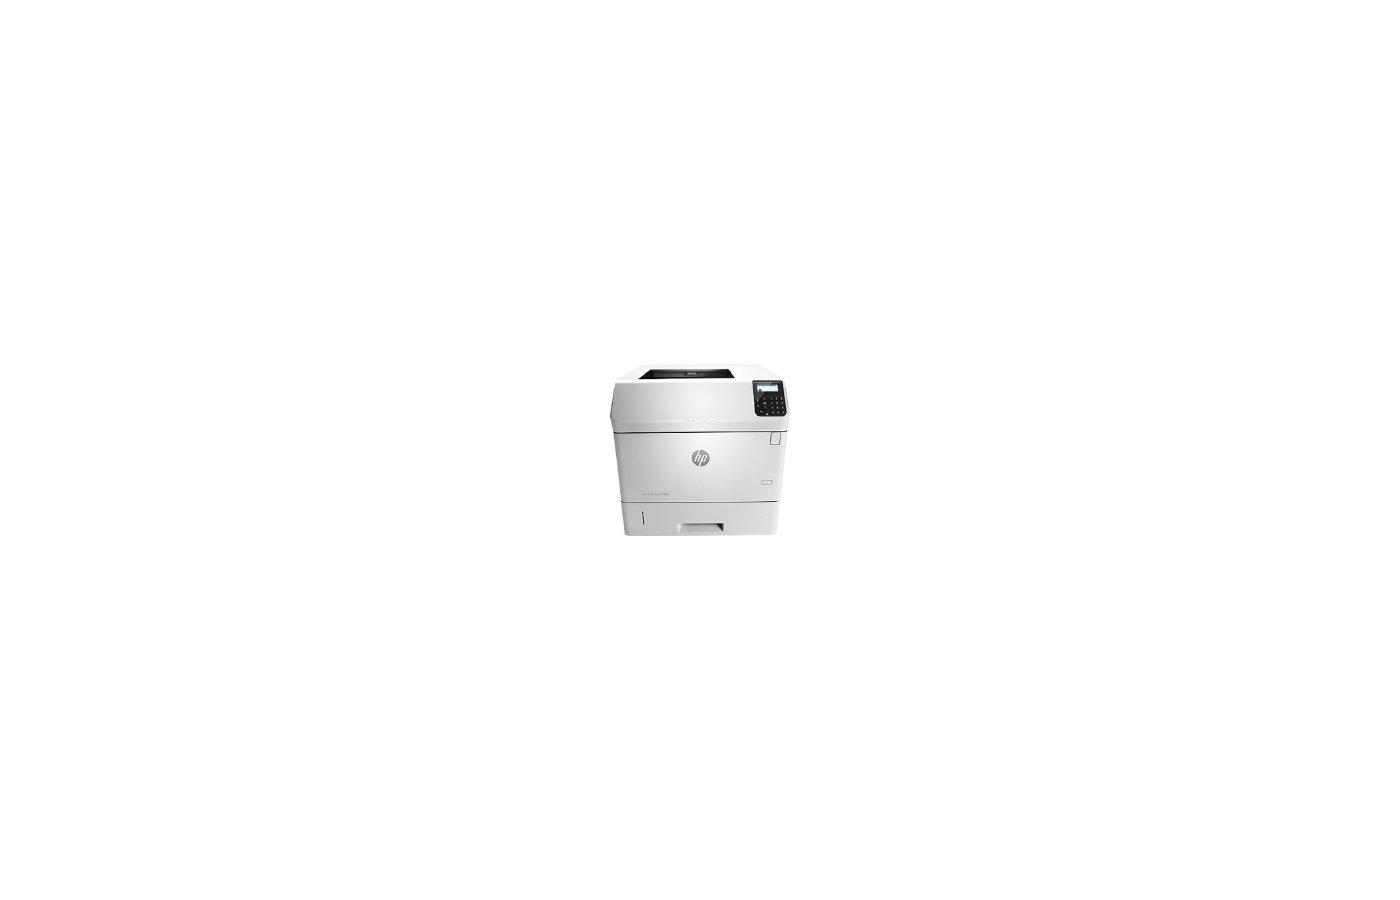 Принтер HP LaserJet Enterprise 600 M606dn /E6B72A/ A4 Duplex Net